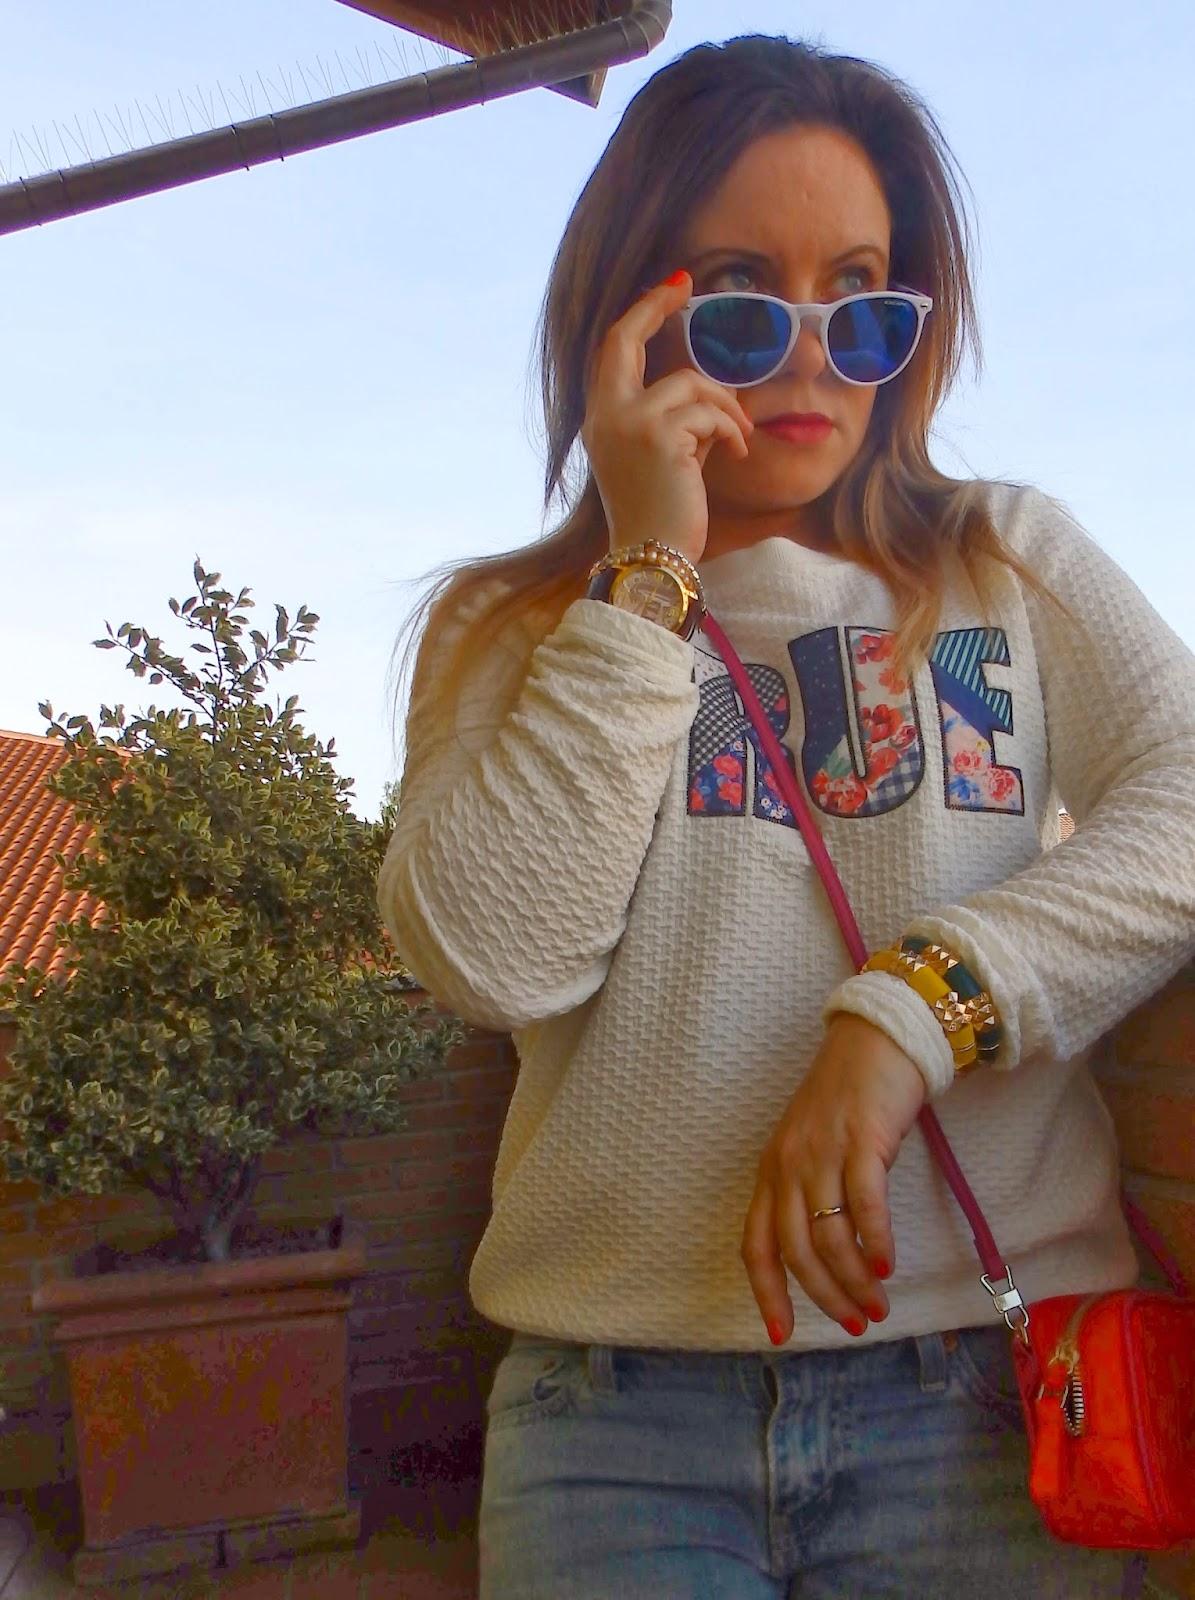 fashion blog, fashion blogger, purses in the kitchen, outfit post, felpa con scritta, stradivarius, zara, Excape, occhiali da sole camo, mini bag, orologio Millelire, Millelire, Forever 21, Levis, boyfriend jeans,